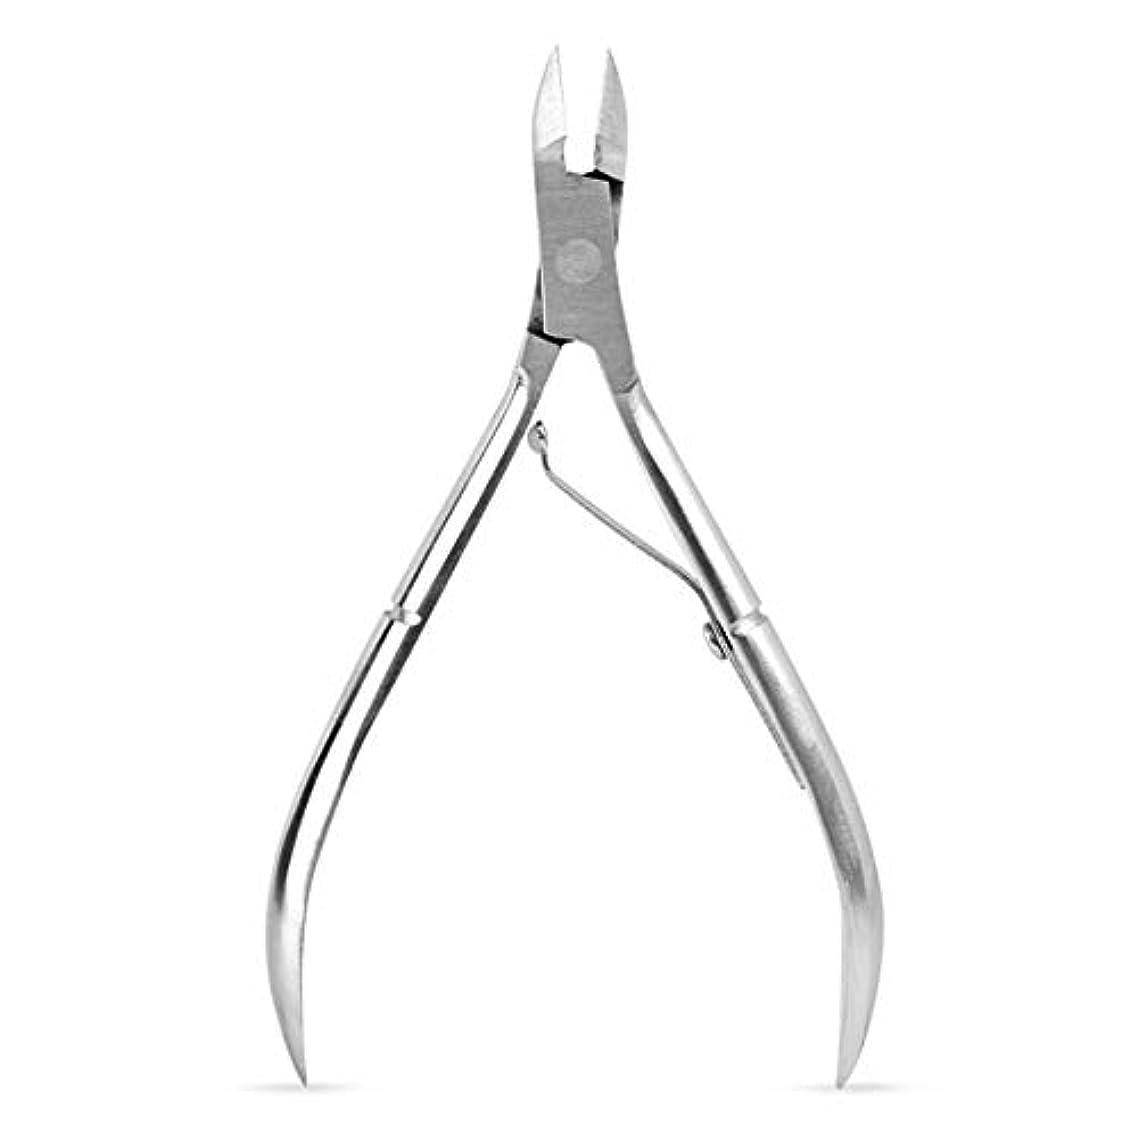 計算ポット裁判官AAcreatspace足のつま先の爪切りトリマーカッターオレクラノン足のキューティクルはさみつま先の爪